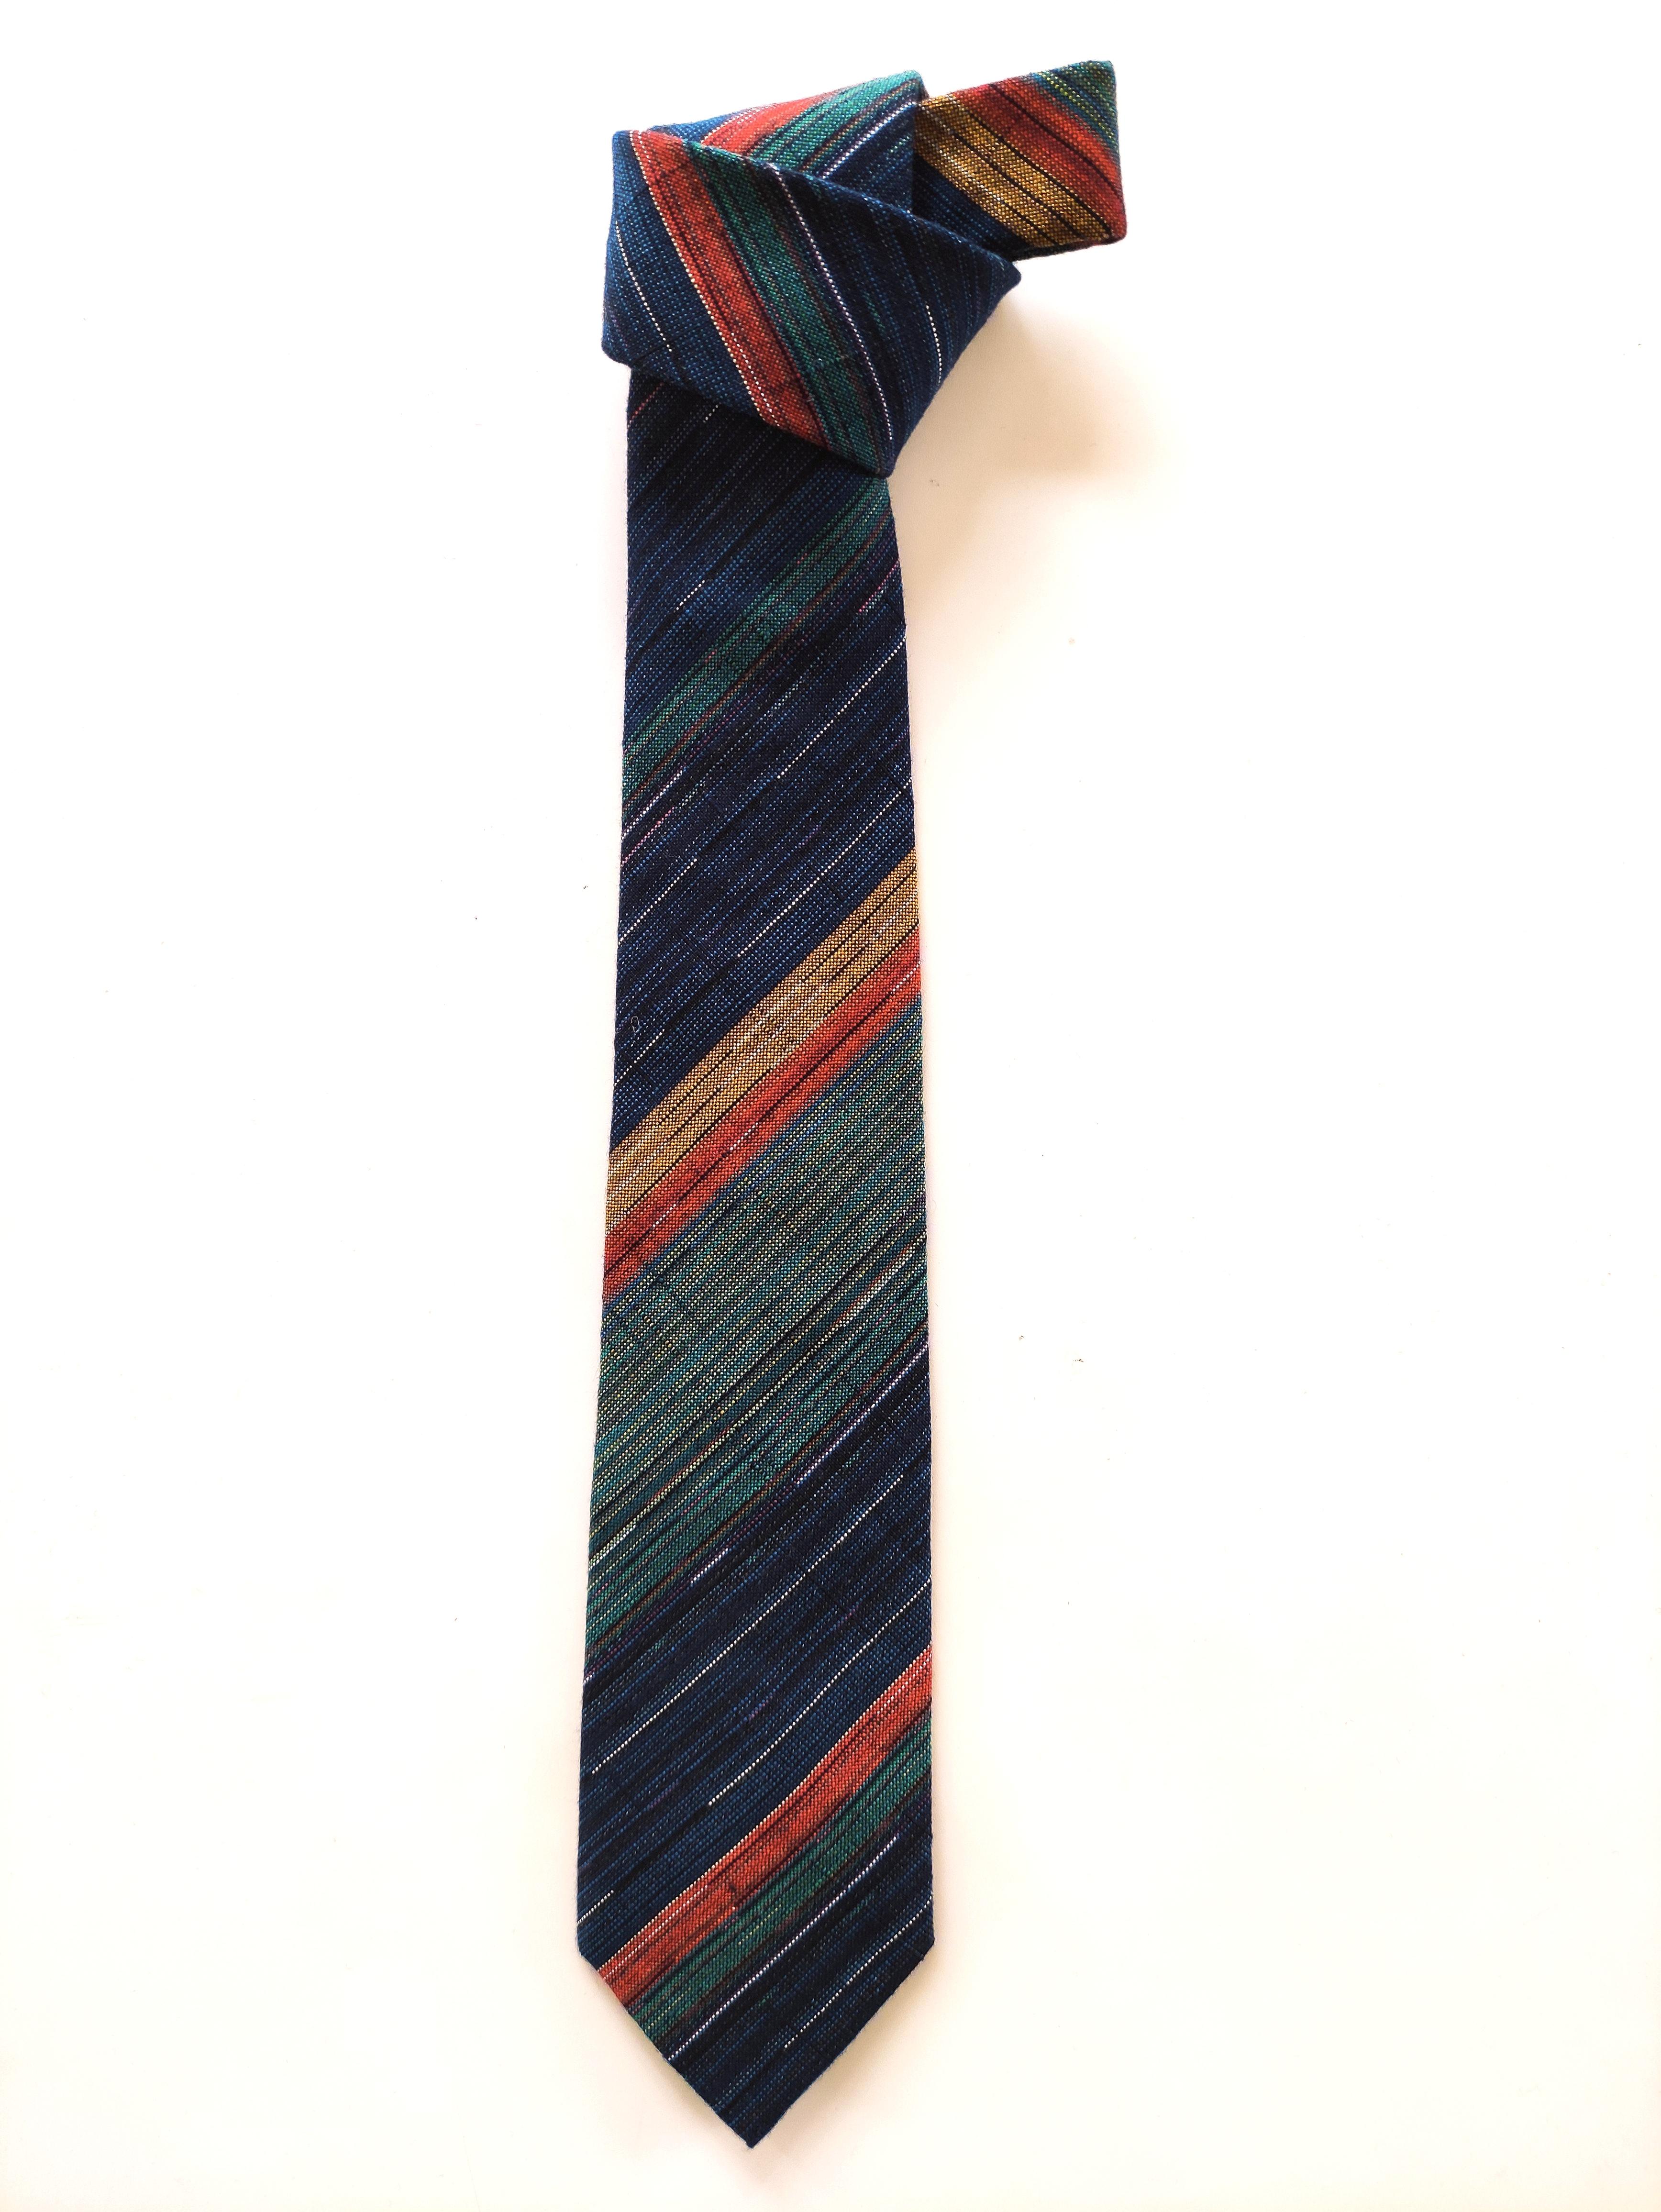 父の日プレゼントのお勧め ⑧久留米絣を纏うネクタイのご紹介